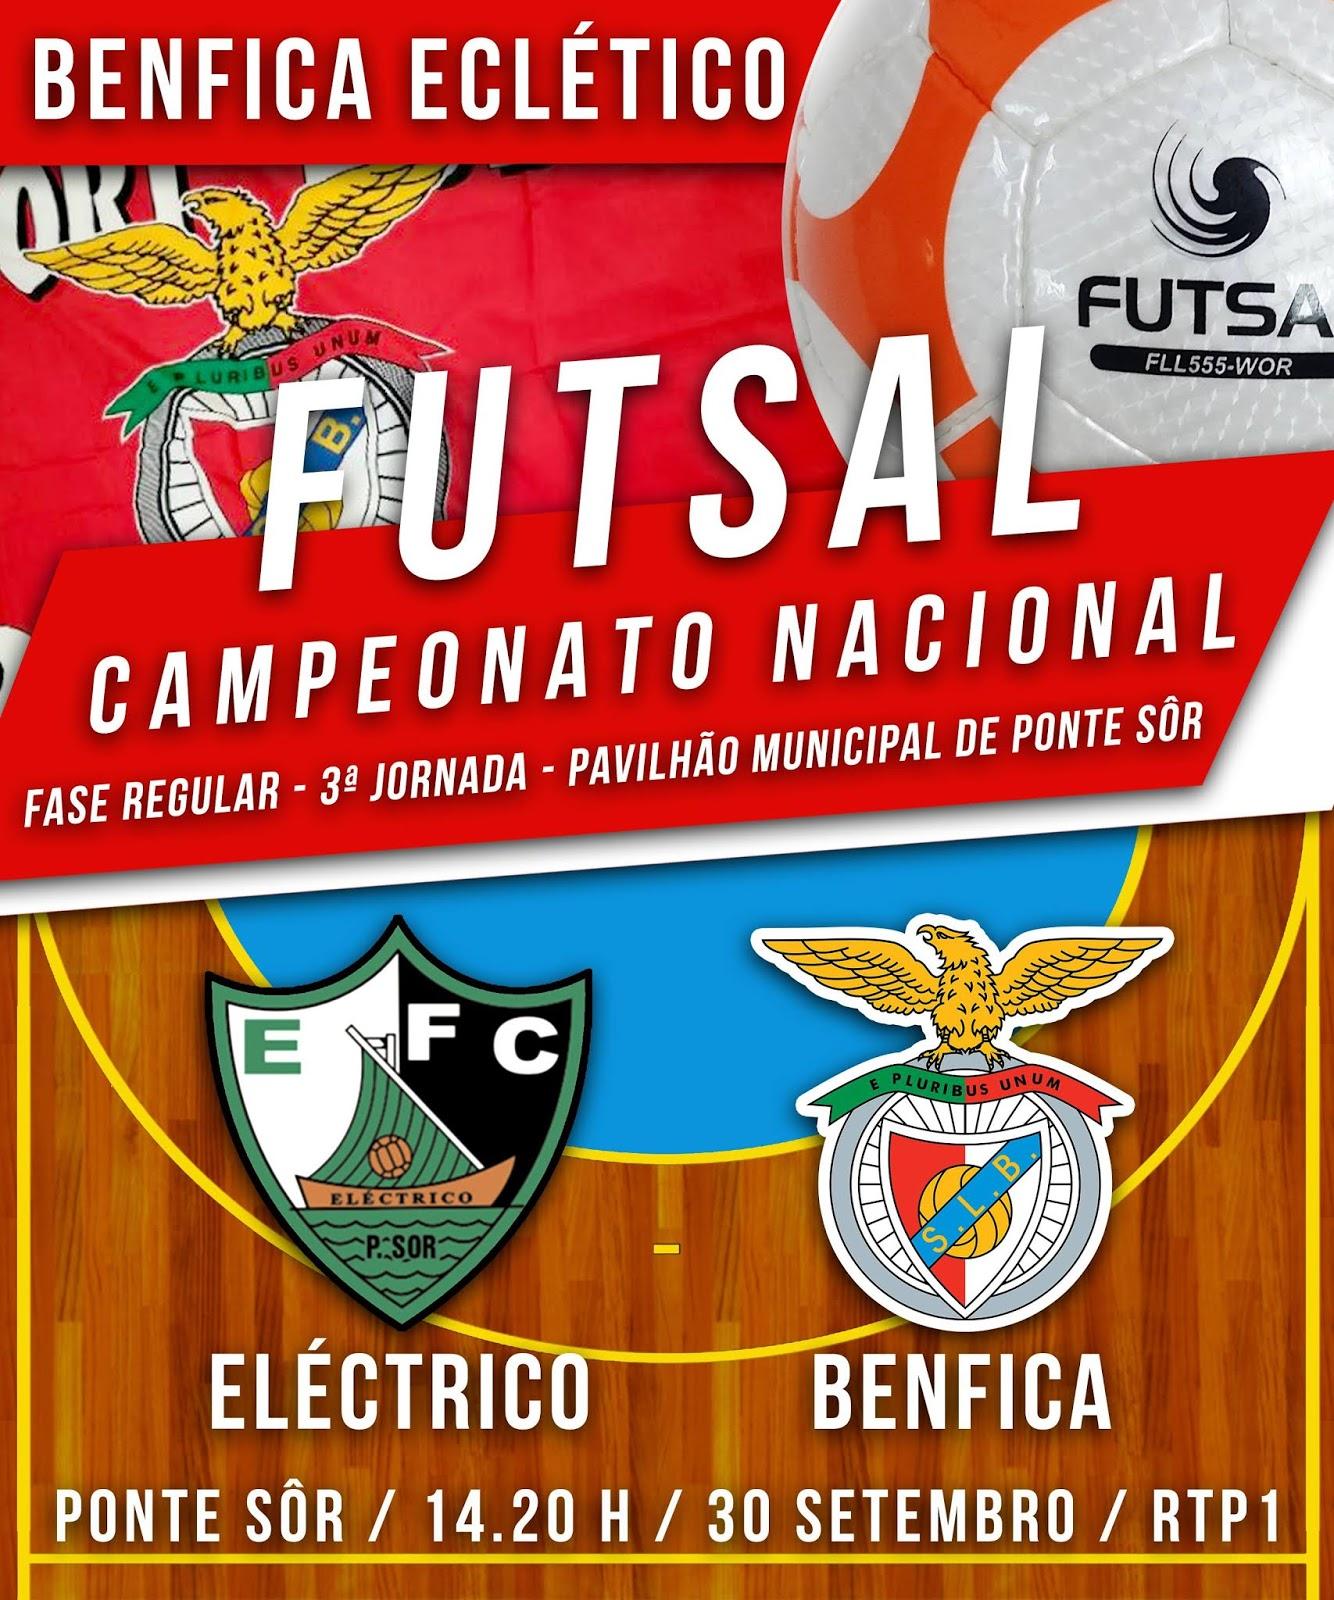 4c23385b0a Porque o SL Benfica não é só Futebol... - Eu Sou do Benfica!